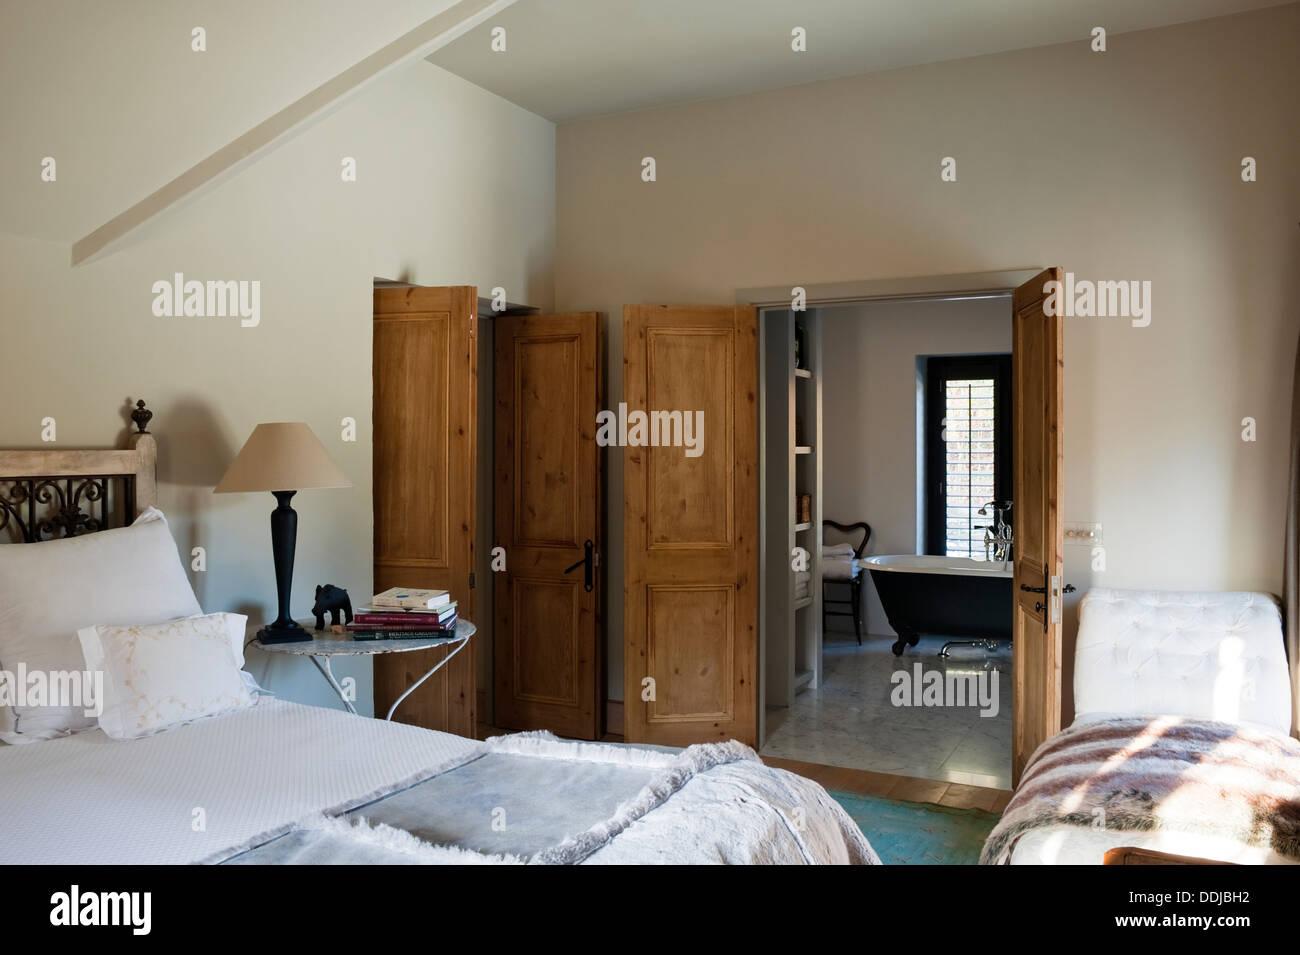 Camere Con Divano Letto : Camera master suite con divano letto e vista attraverso al bagno